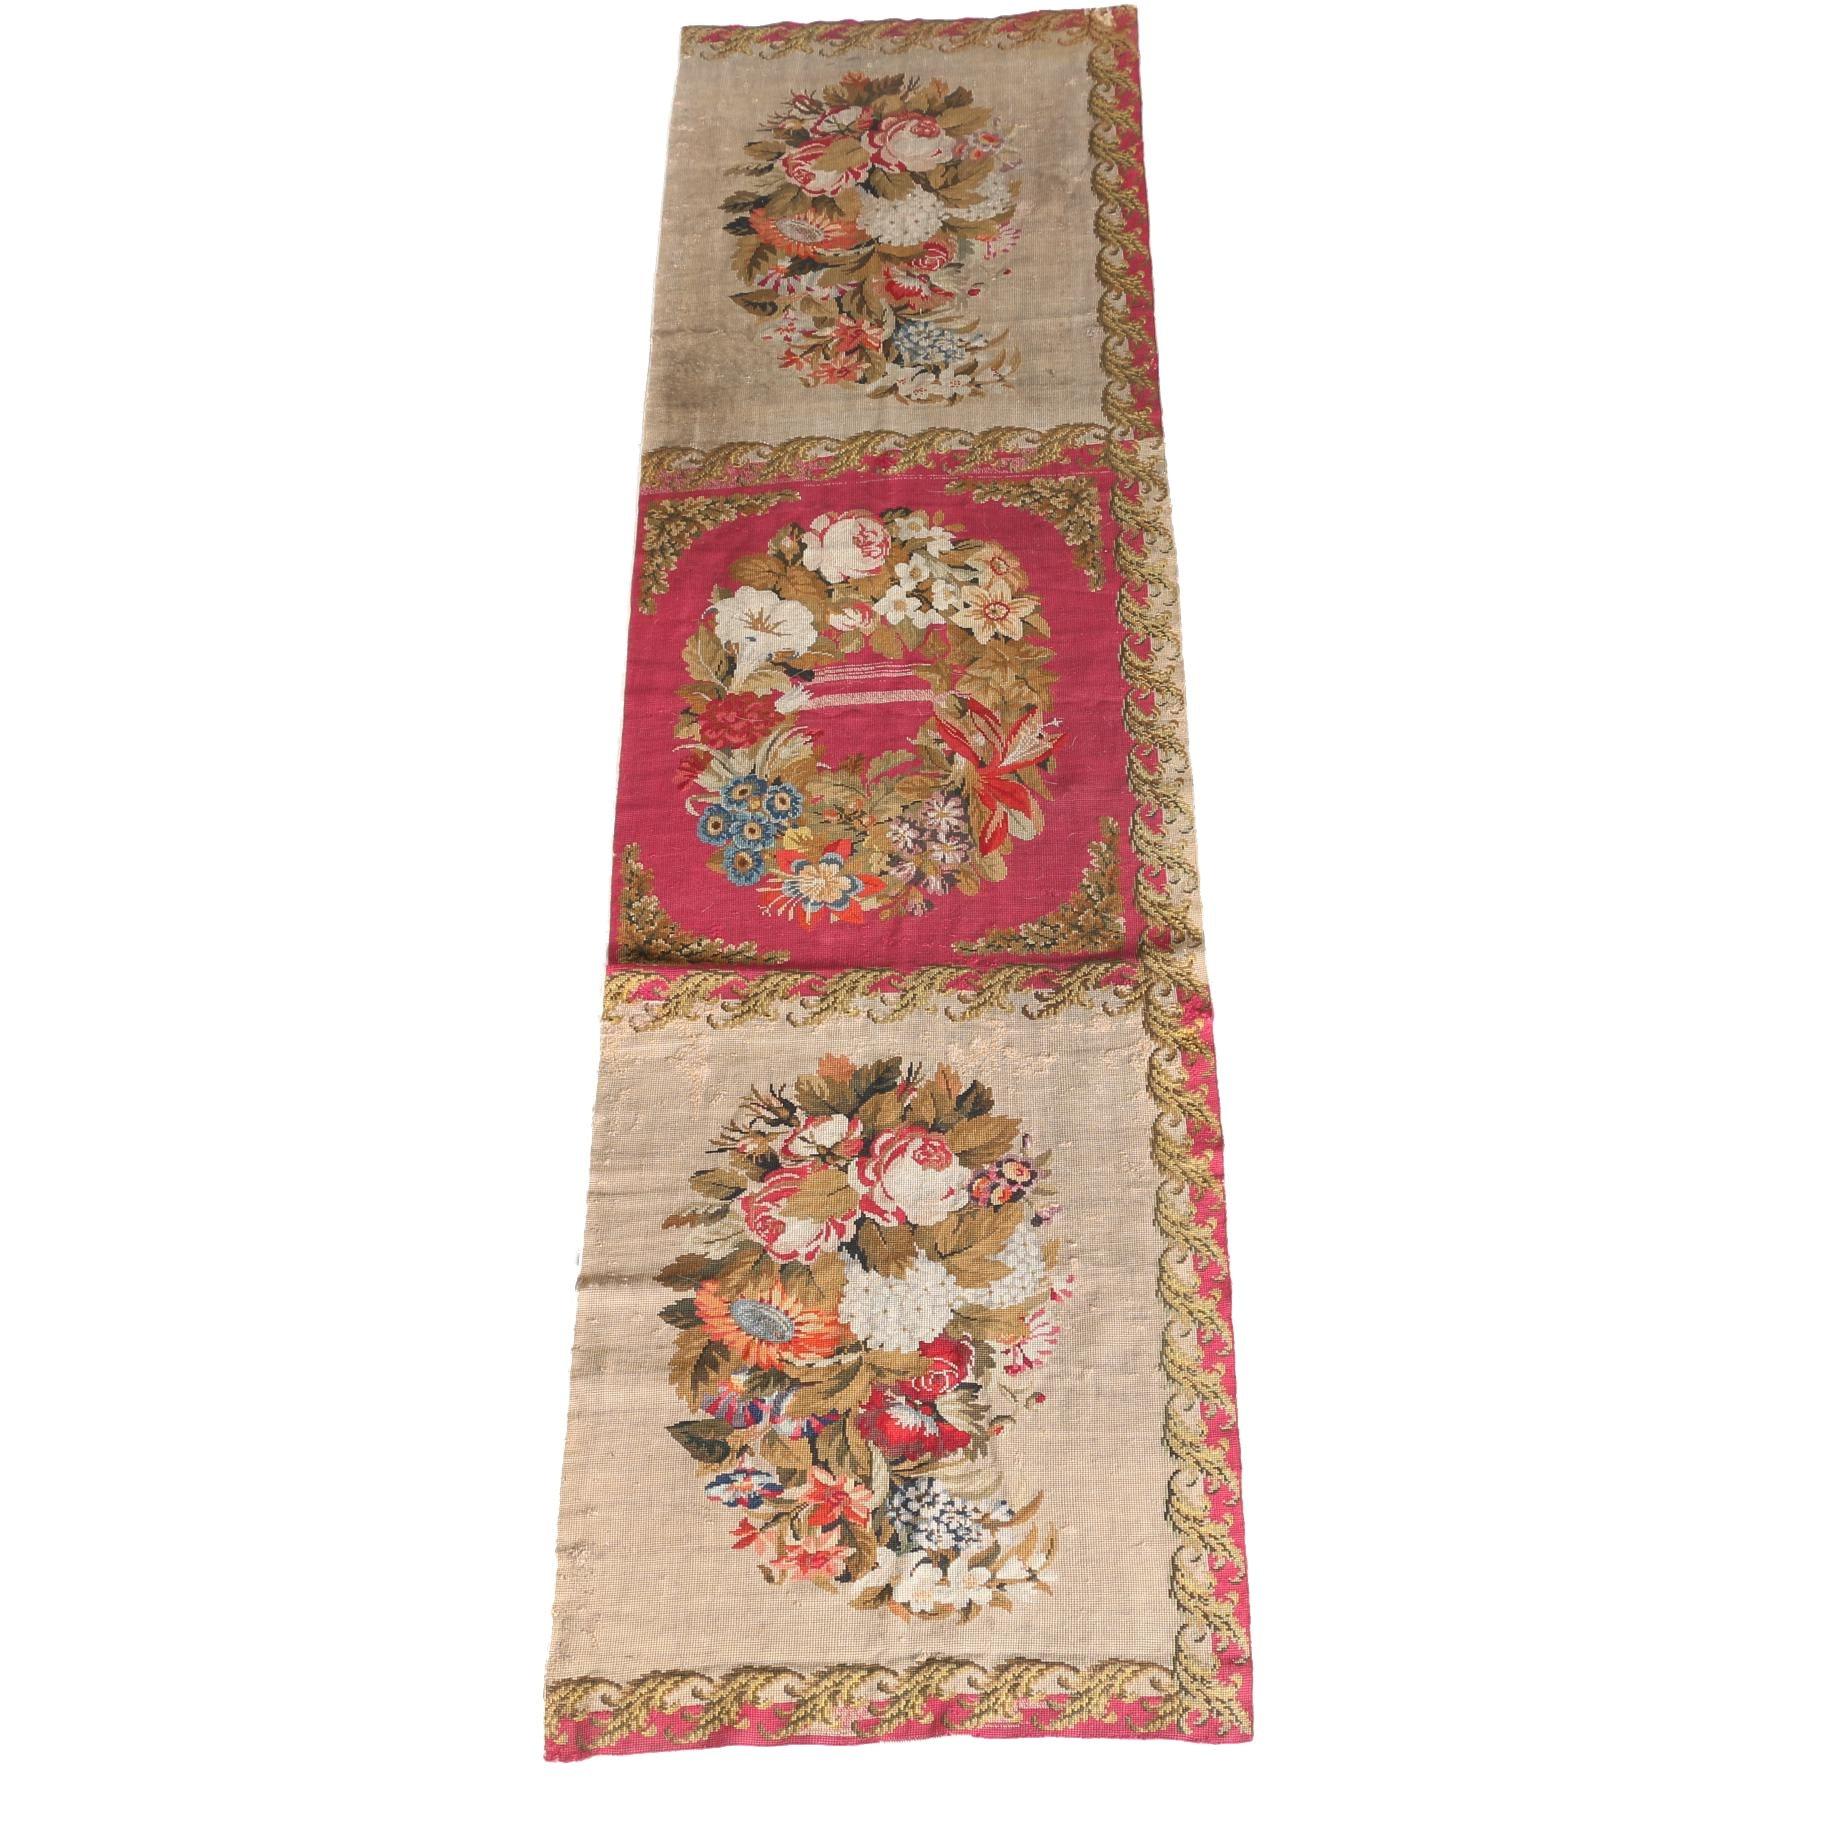 Antique Needlepoint Aubusson Carpet Runner